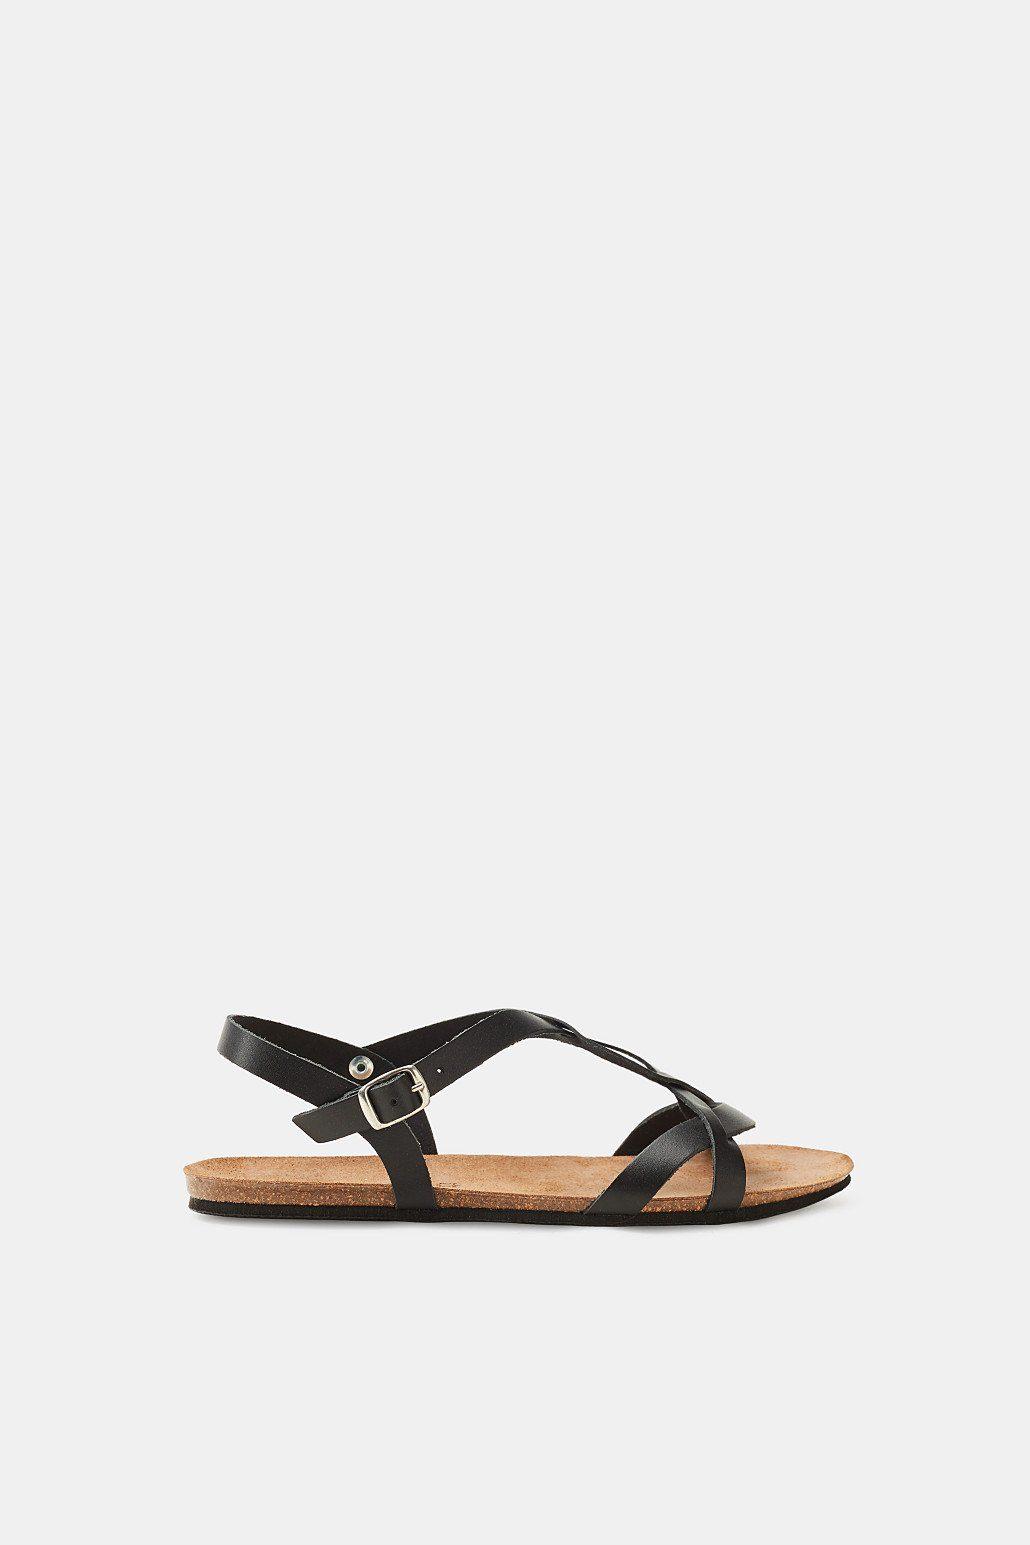 Esprit Flache Sandale mit Leder-Riemen und Leder-Sohle für Damen, Größe 36, Silver